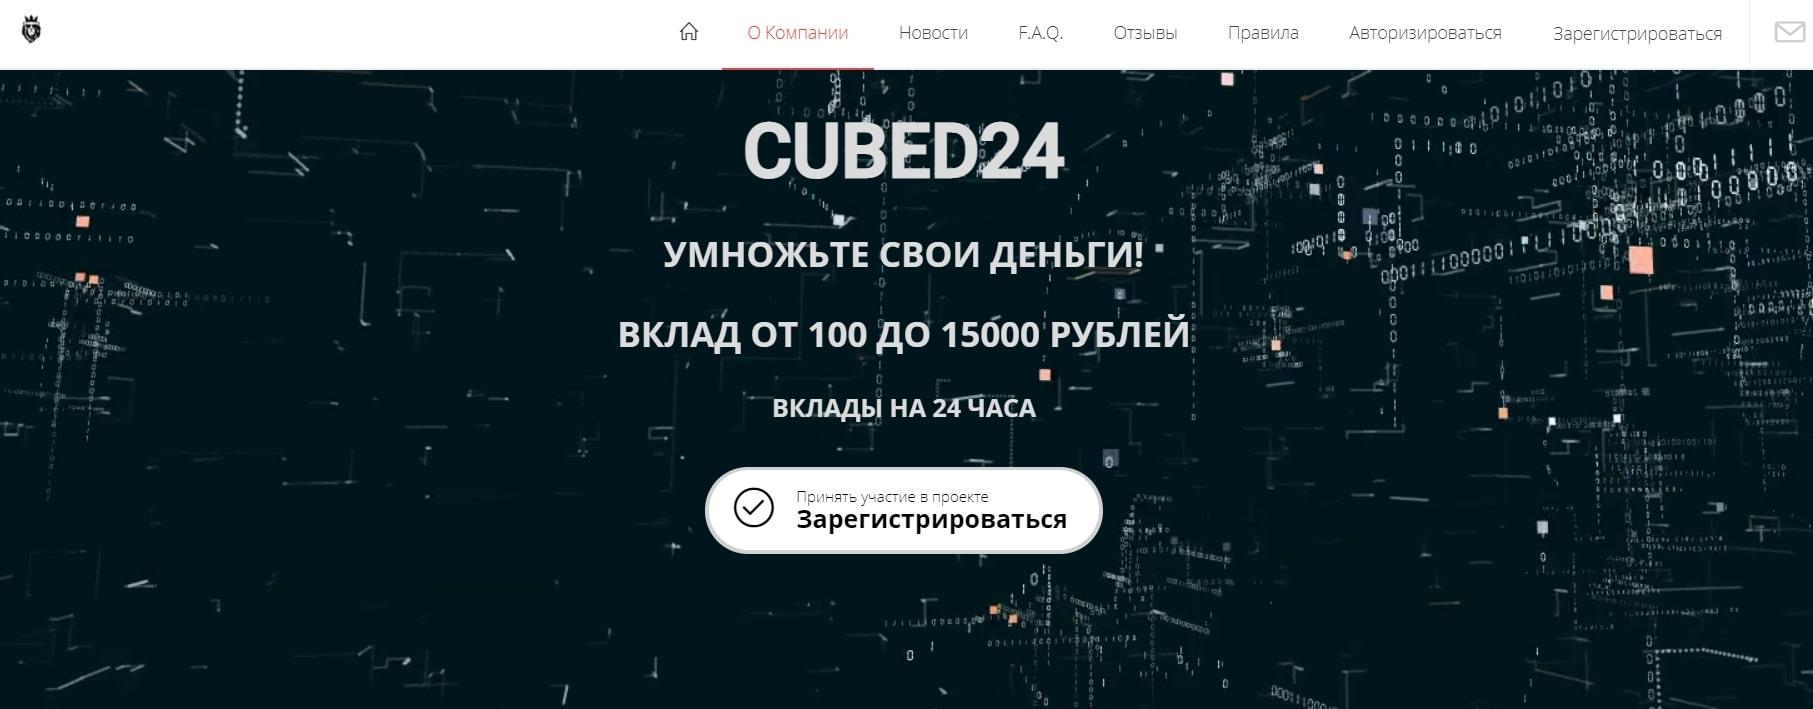 Отзывы о CUBED24: что о компании думают инвесторы? реальные отзывы